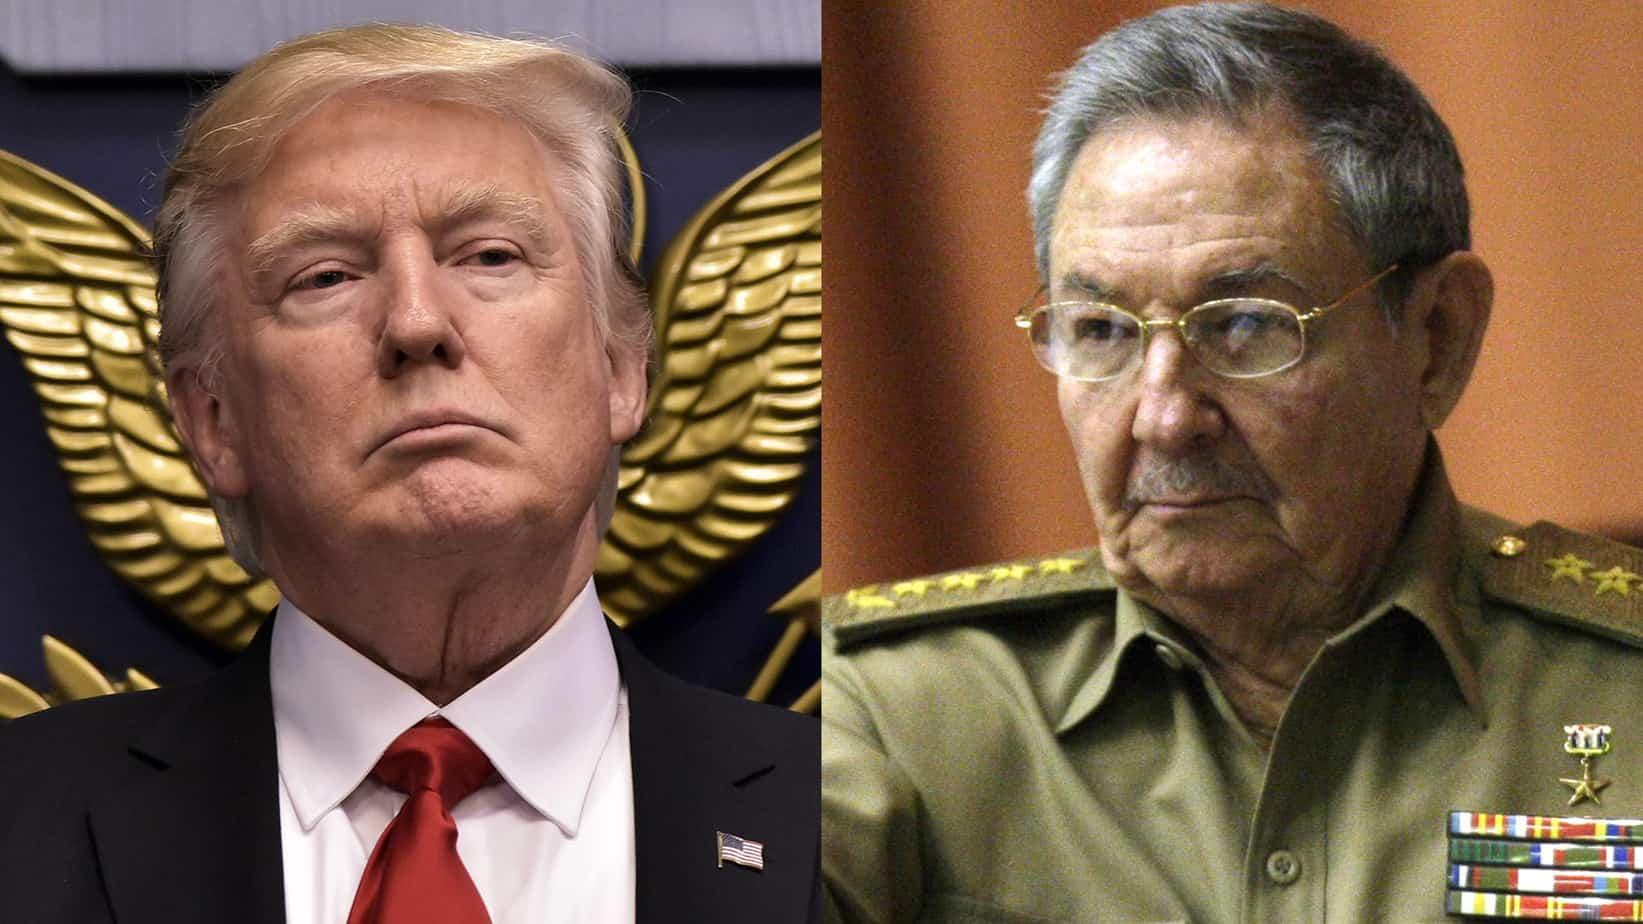 Última hora: Trump visitará Miami el próximo viernes y allí anunciaría algunas restricciones a quienes viajan y hacen negocios con Cuba